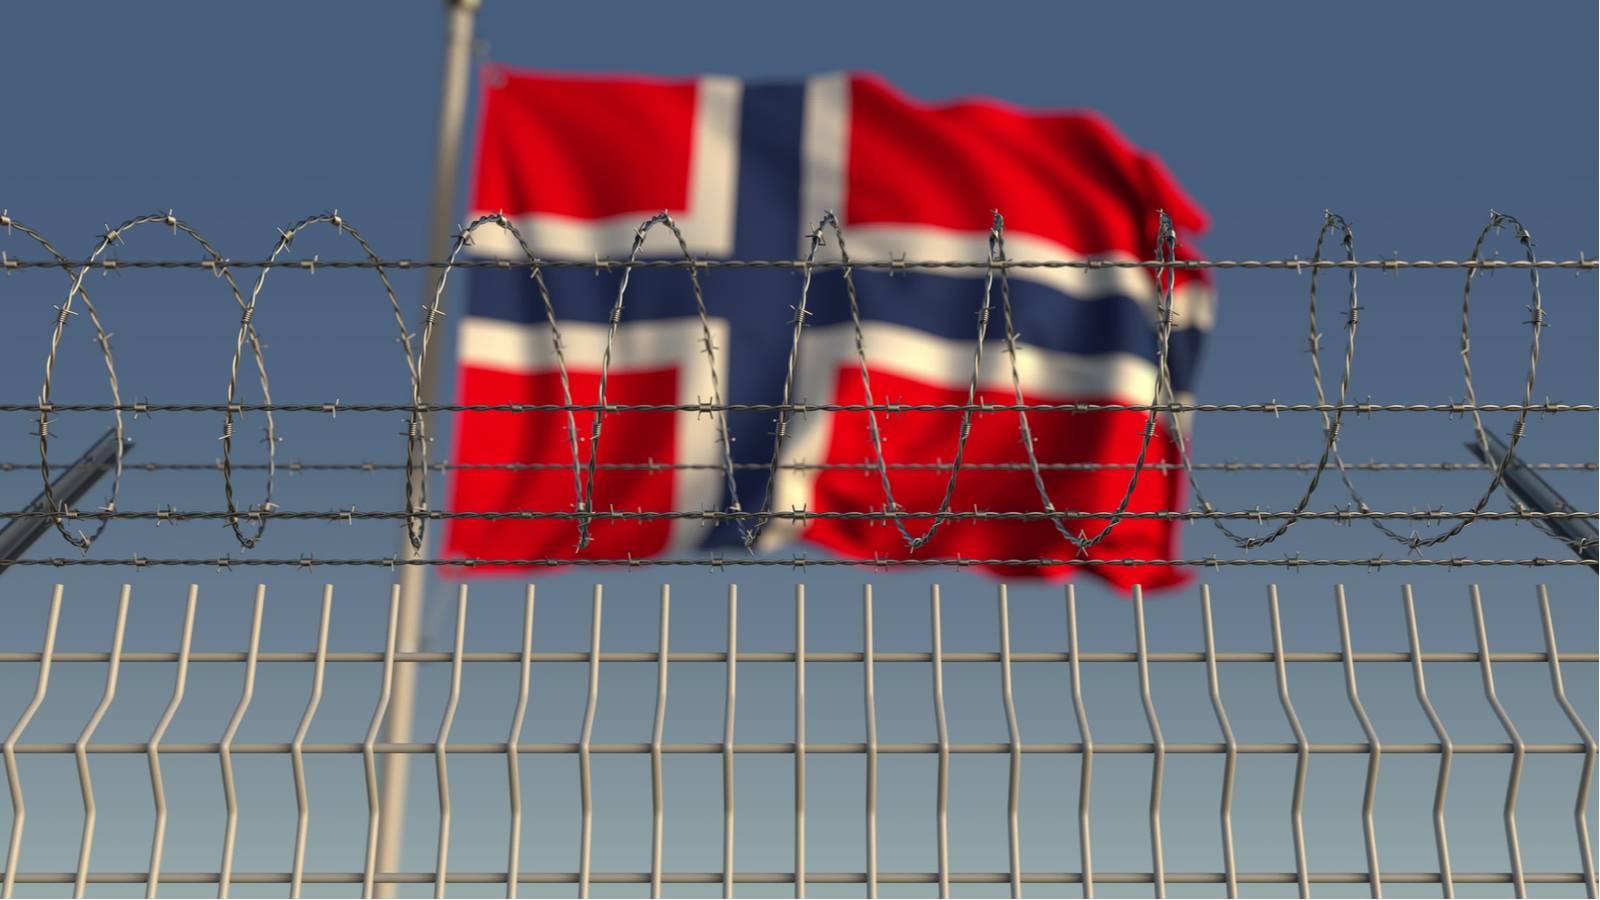 Nejdrsnější věznice světa (Halden): Norsko vsadilo na slušnost a příjemné prostředí a funguje to